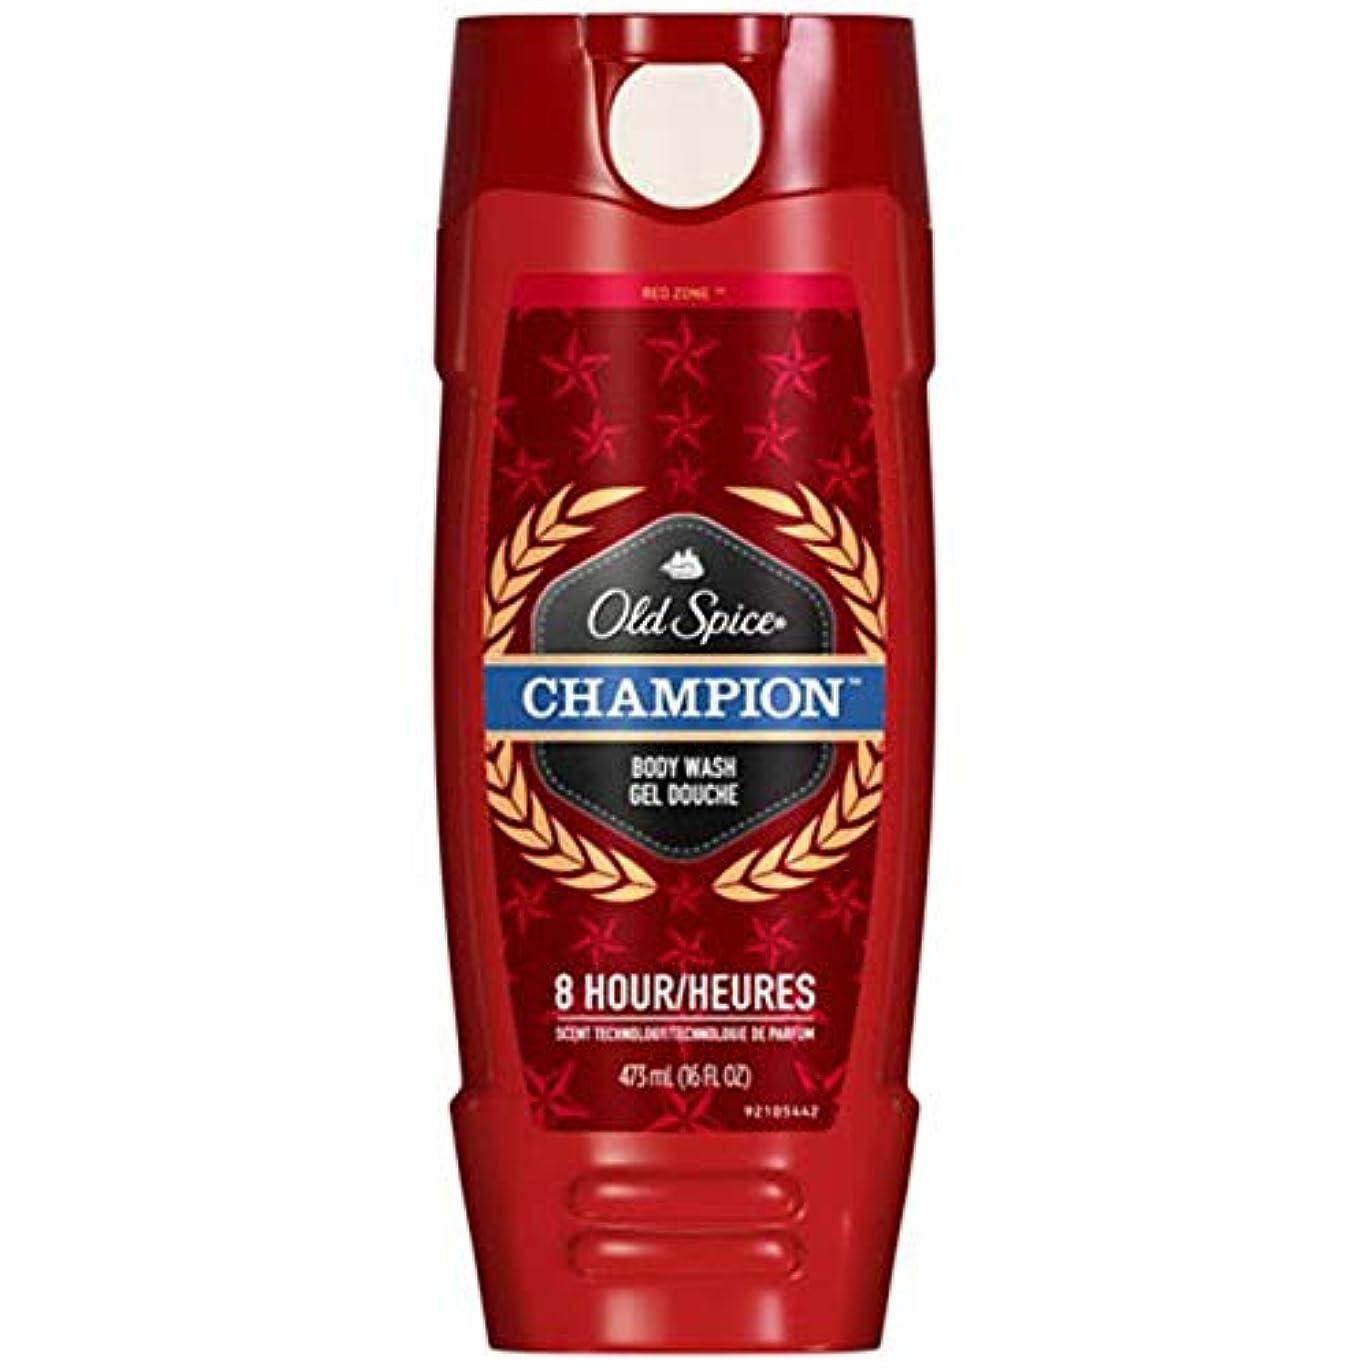 液体復活対称Old Spice オールドスパイス ボディーウォッシュジェル Red Zone Body Wash GEL 473ml 並行輸入品 (CHAMPION/チャンピオン) [並行輸入品]